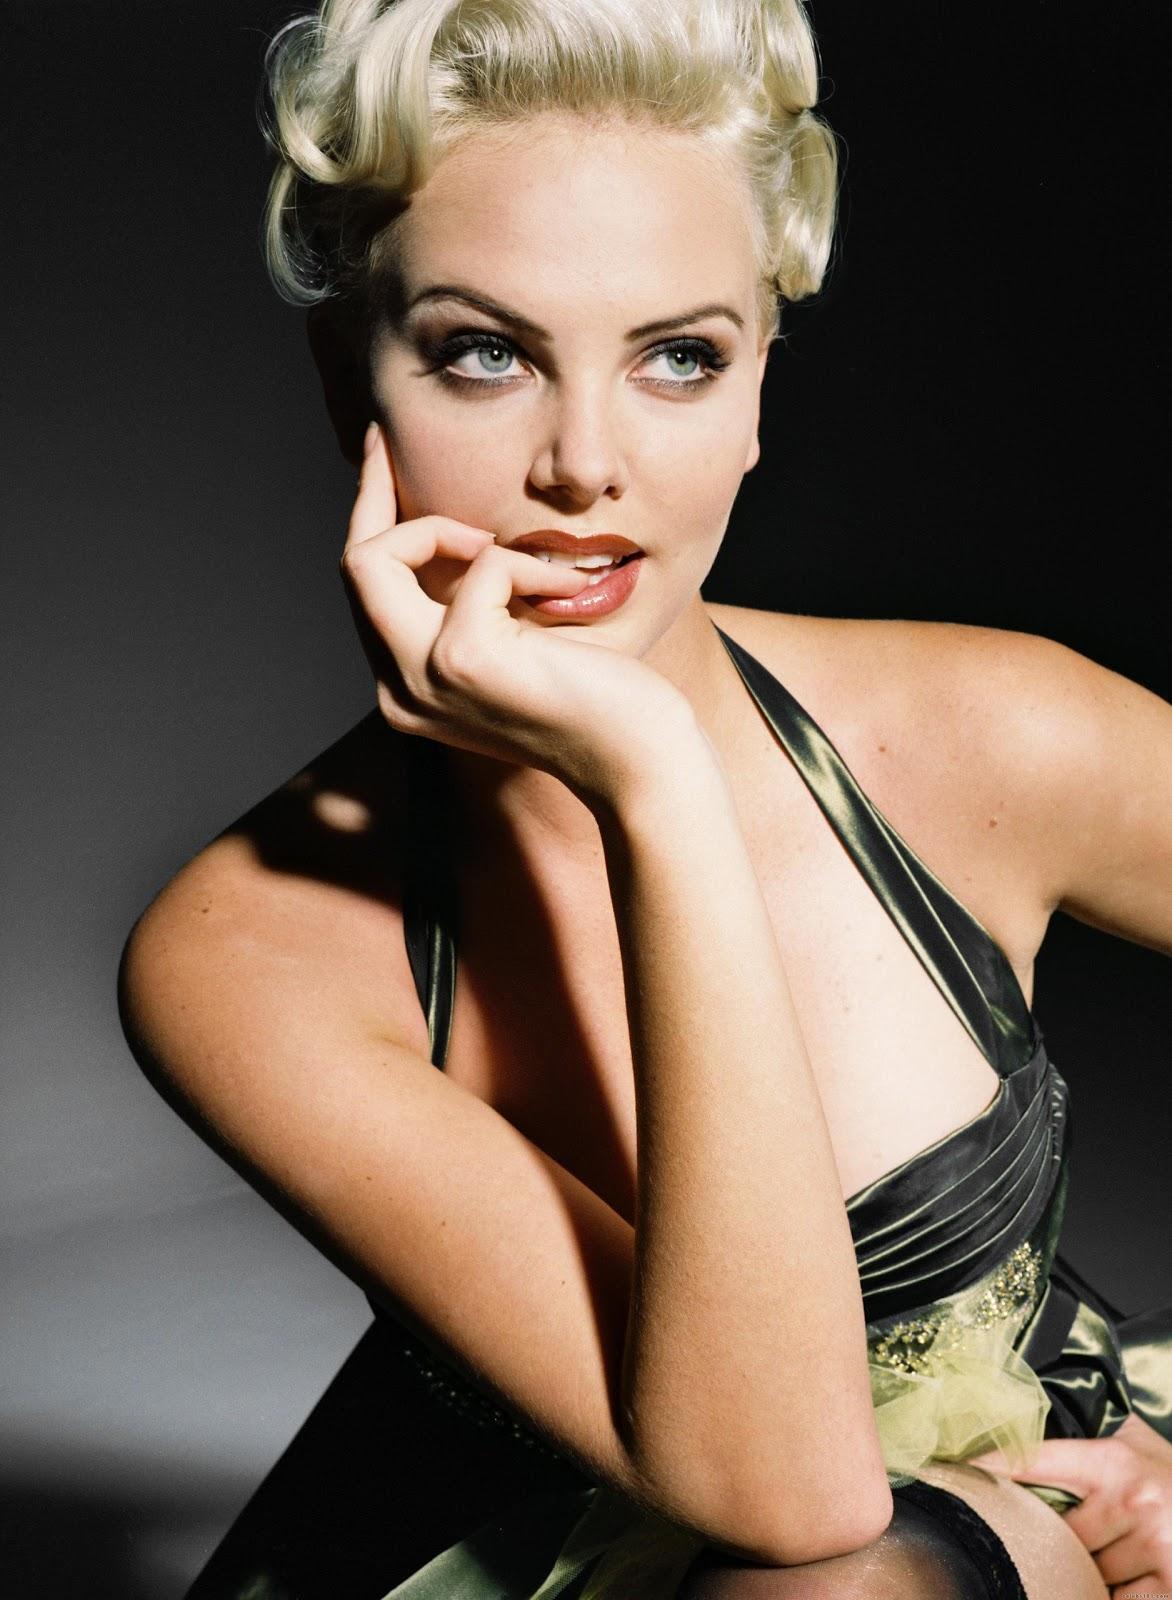 http://3.bp.blogspot.com/-RxVrtooxJcM/Tf8tvmbmhKI/AAAAAAAAAV4/pXSfTpWqL00/s1600/Charlize_Theron.jpg